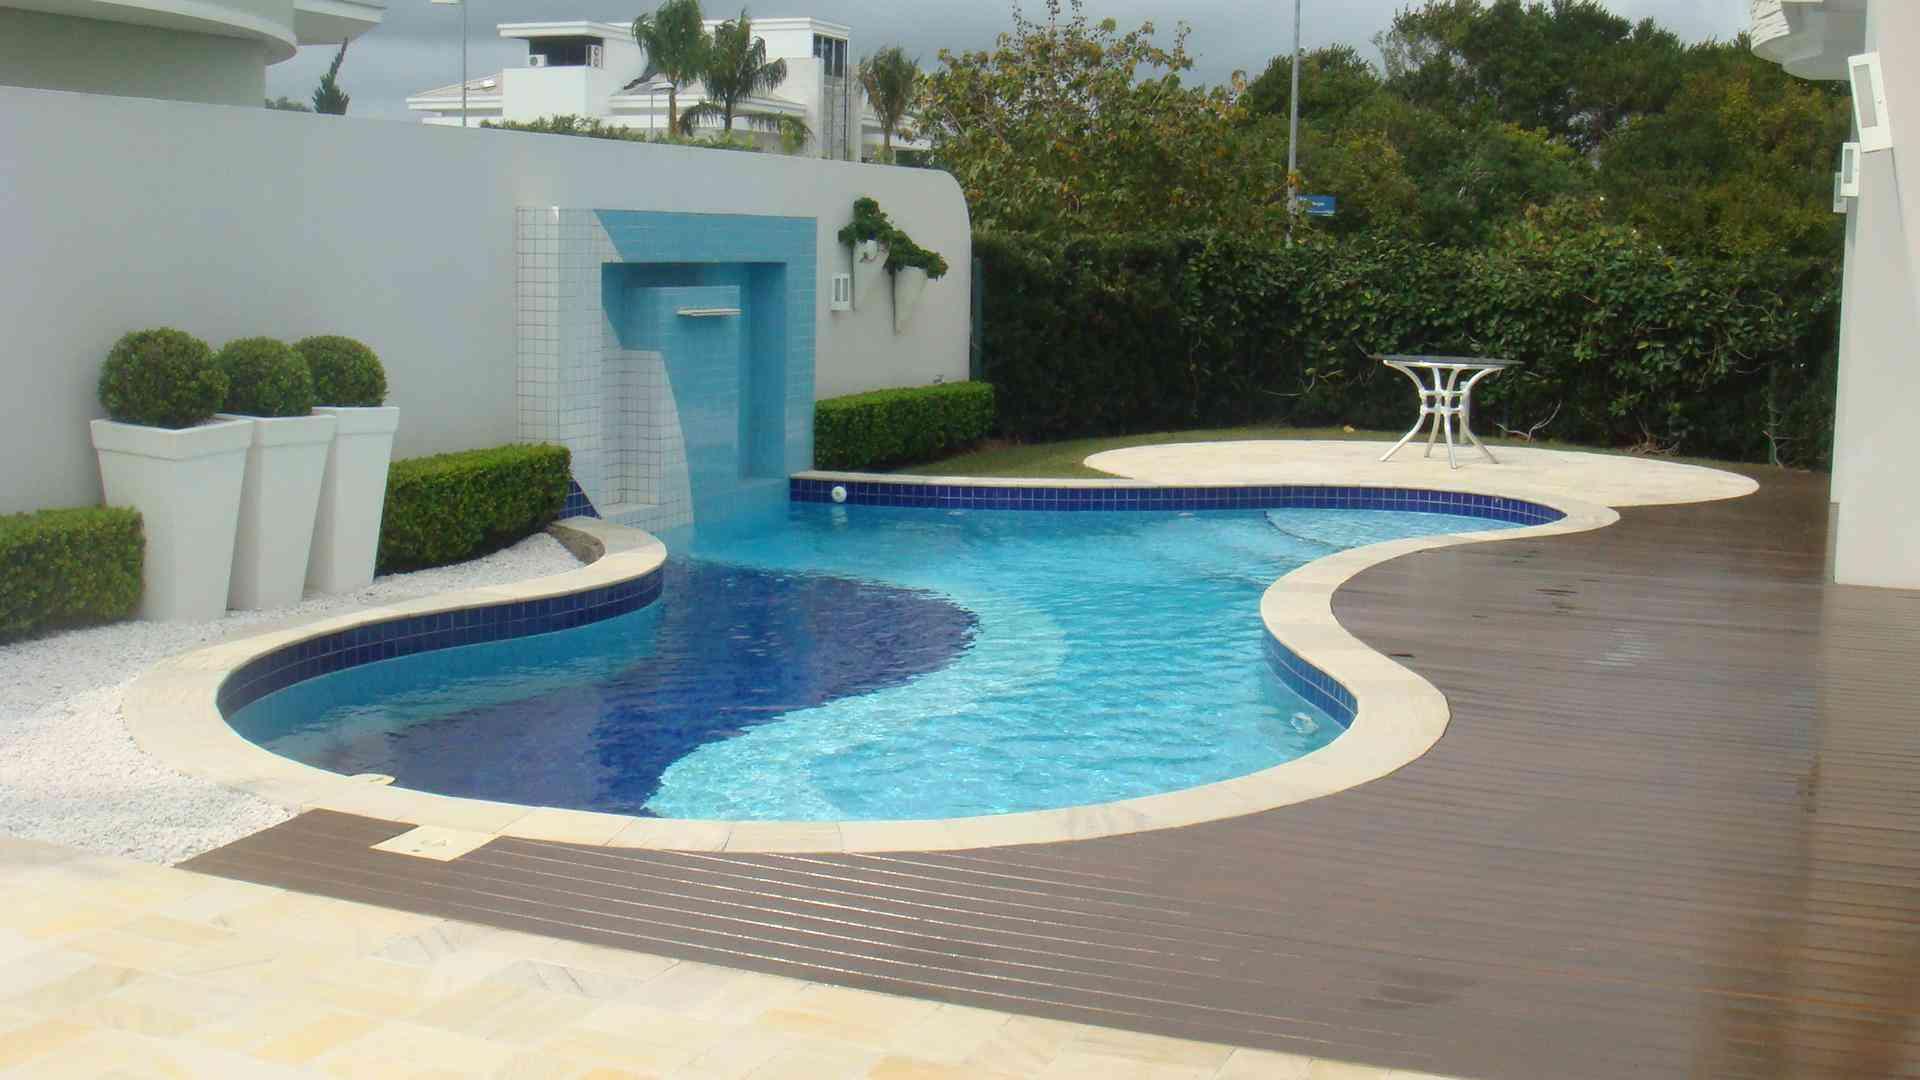 Dicas de pisos de porcelanato para exteriores decorando for Modelos de pisos exteriores